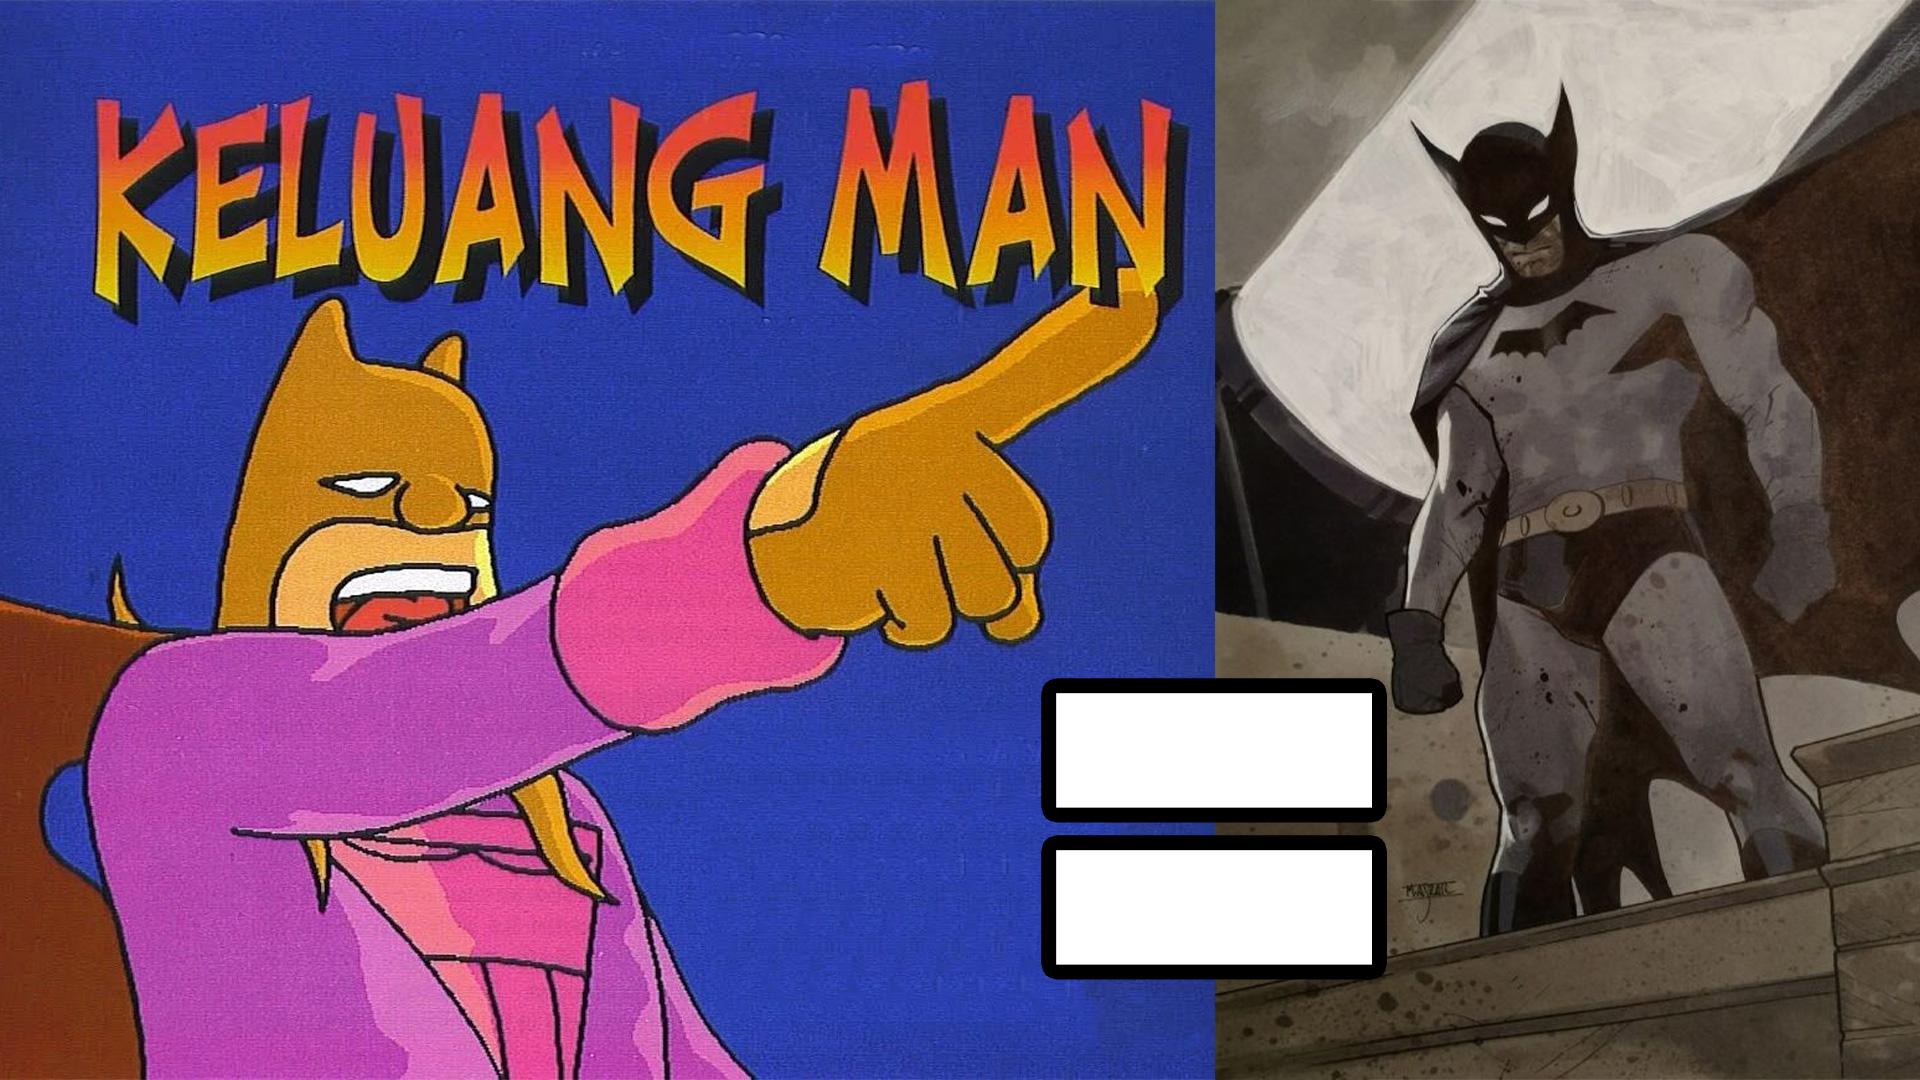 Keluang Man Cetak-Rompak Batman?! – Apa Perbezaan Dua Karakter Ini?